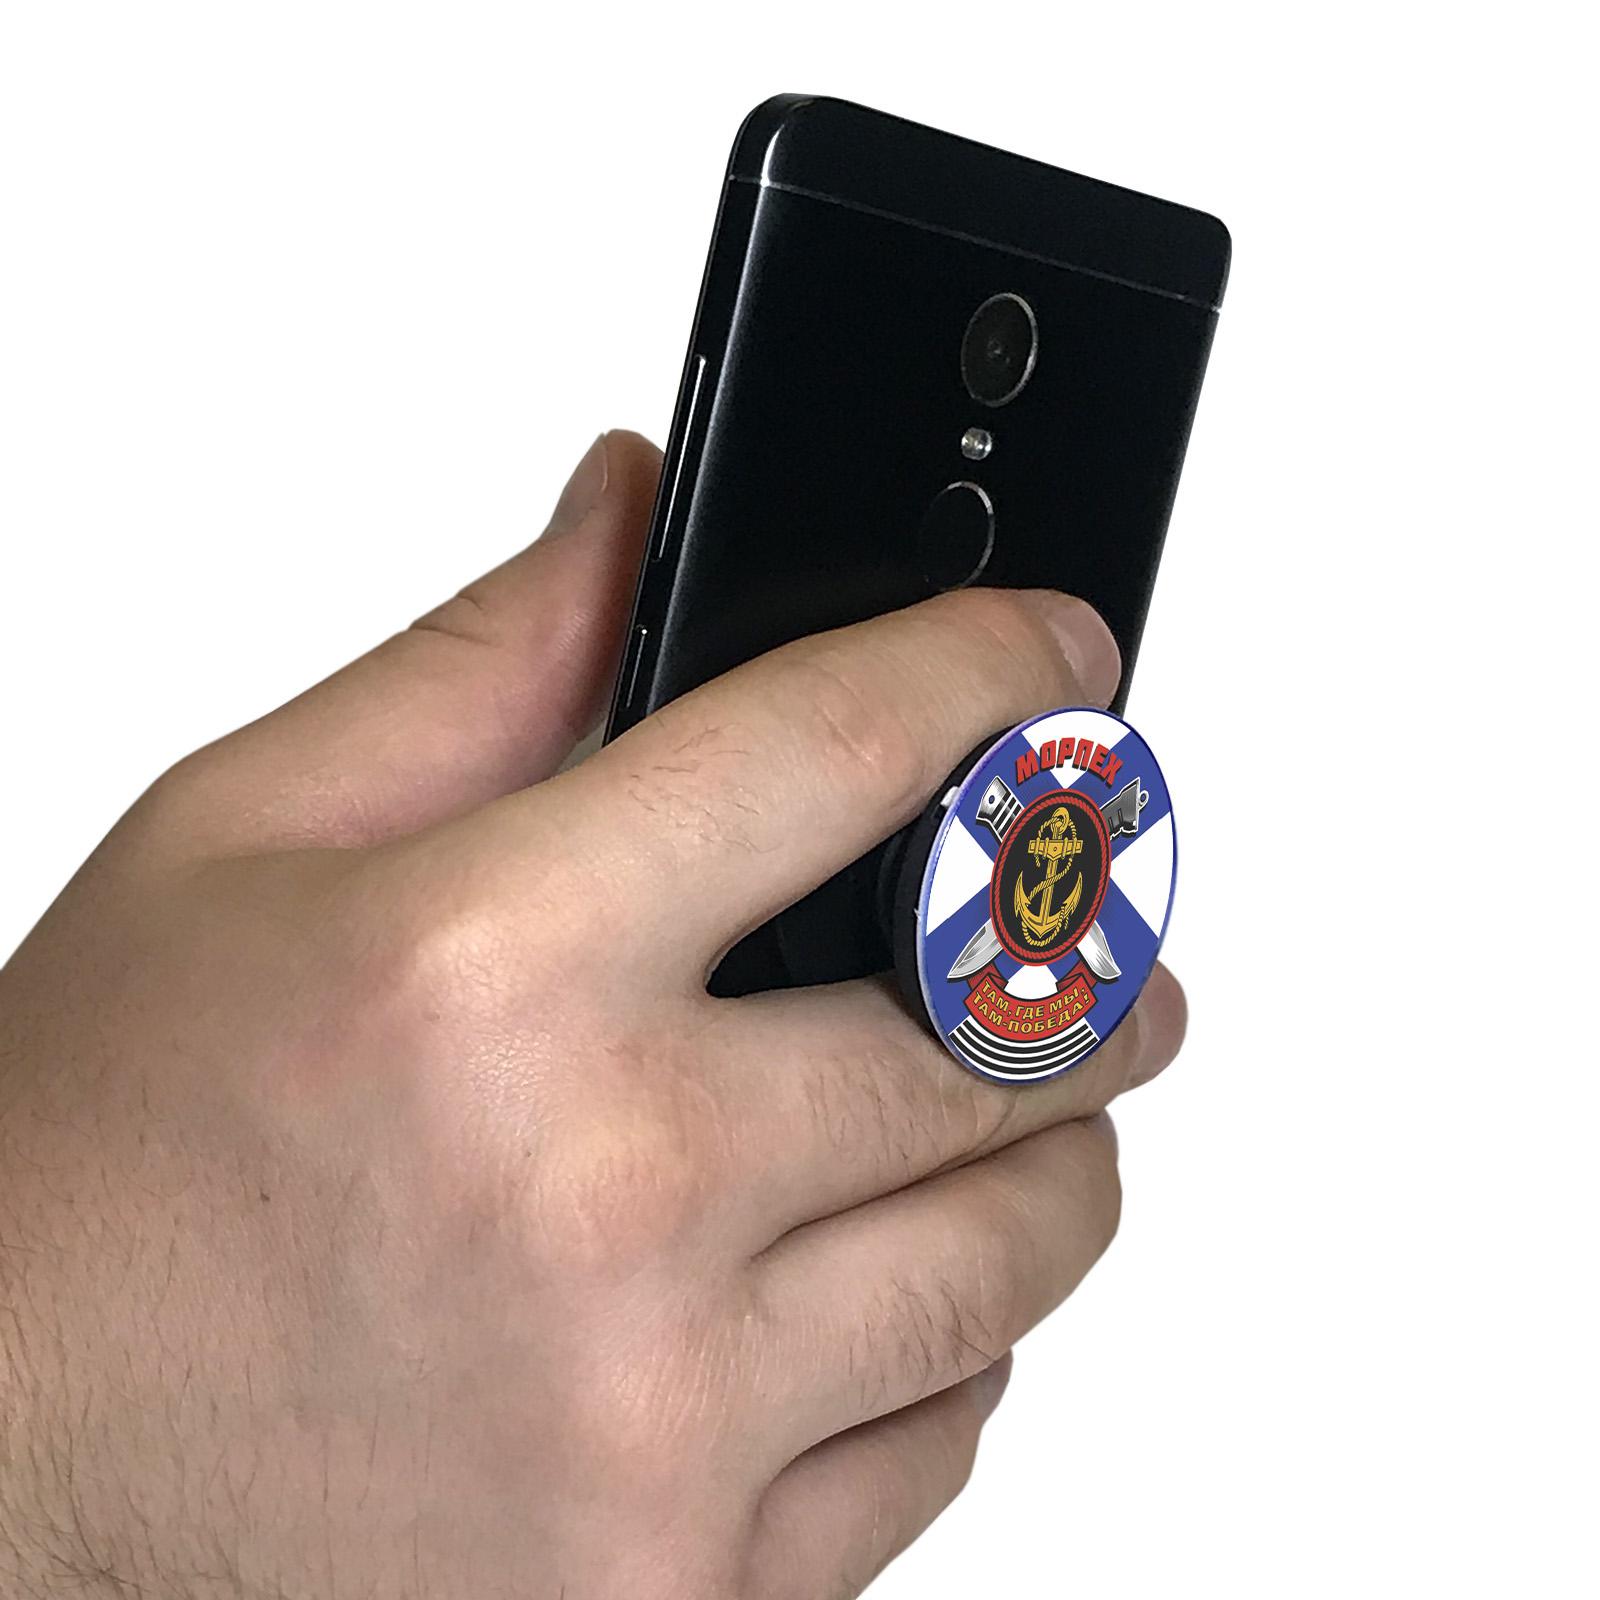 """Удобный держатель для телефона """"Морпех"""" по выгодной цене"""